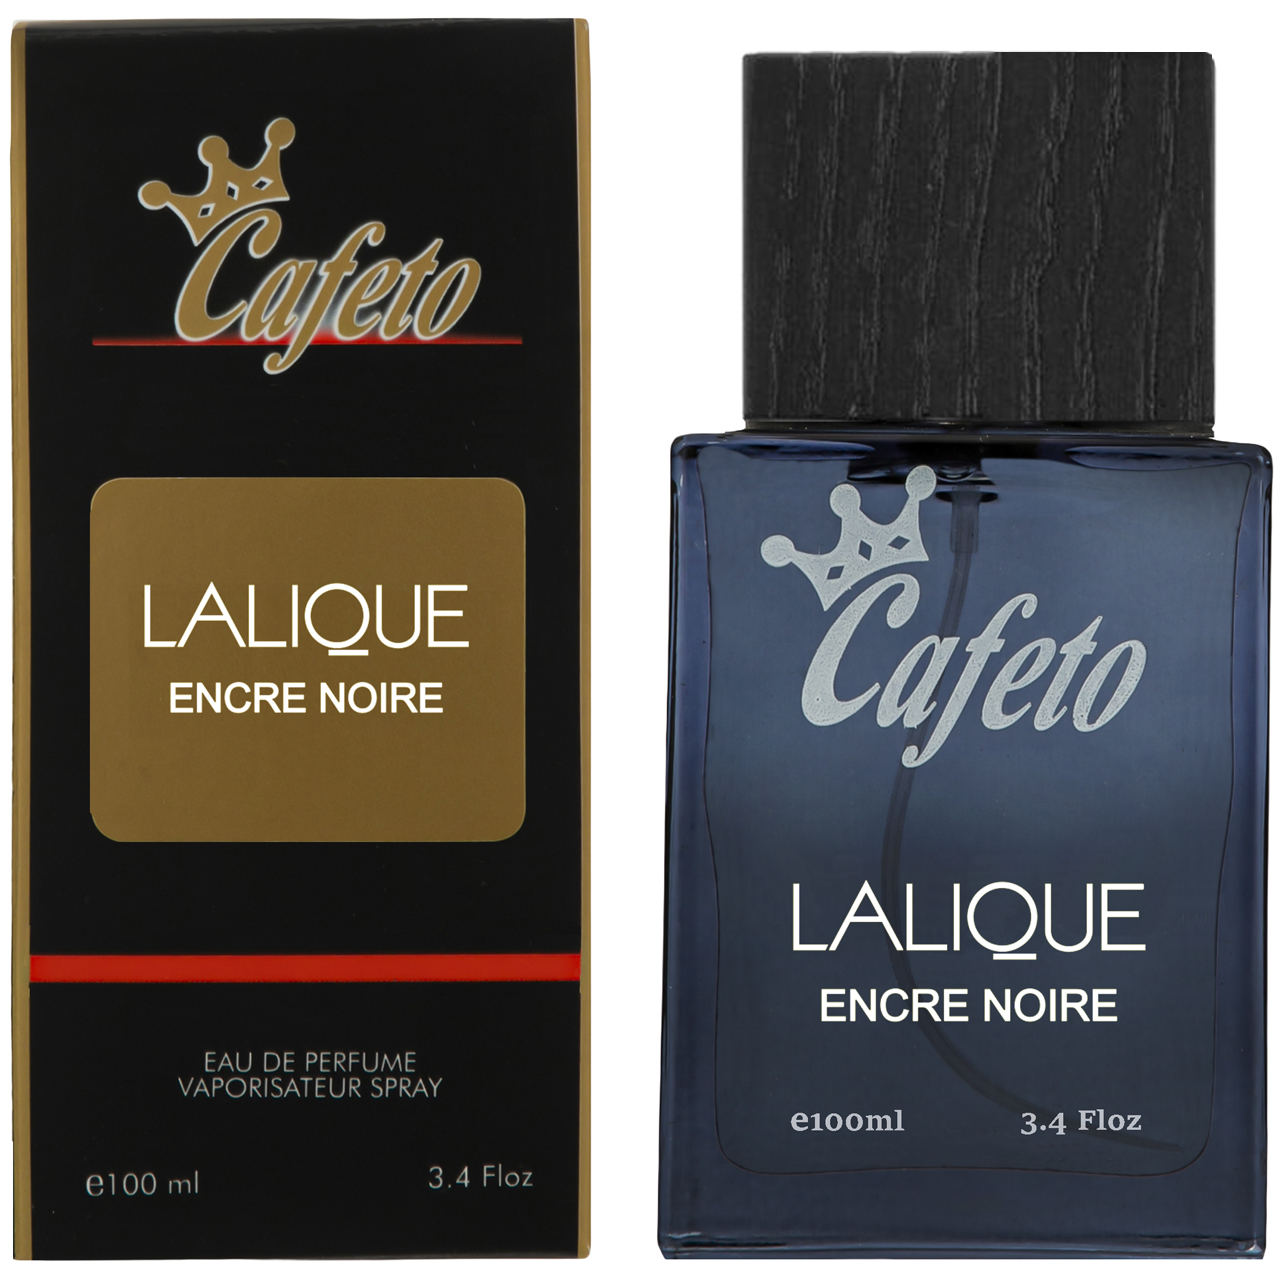 ادو پرفیوم مردانه کافه تو مدل LALIQUE ENCRE NOIRE حجم 100 میلی لیتر